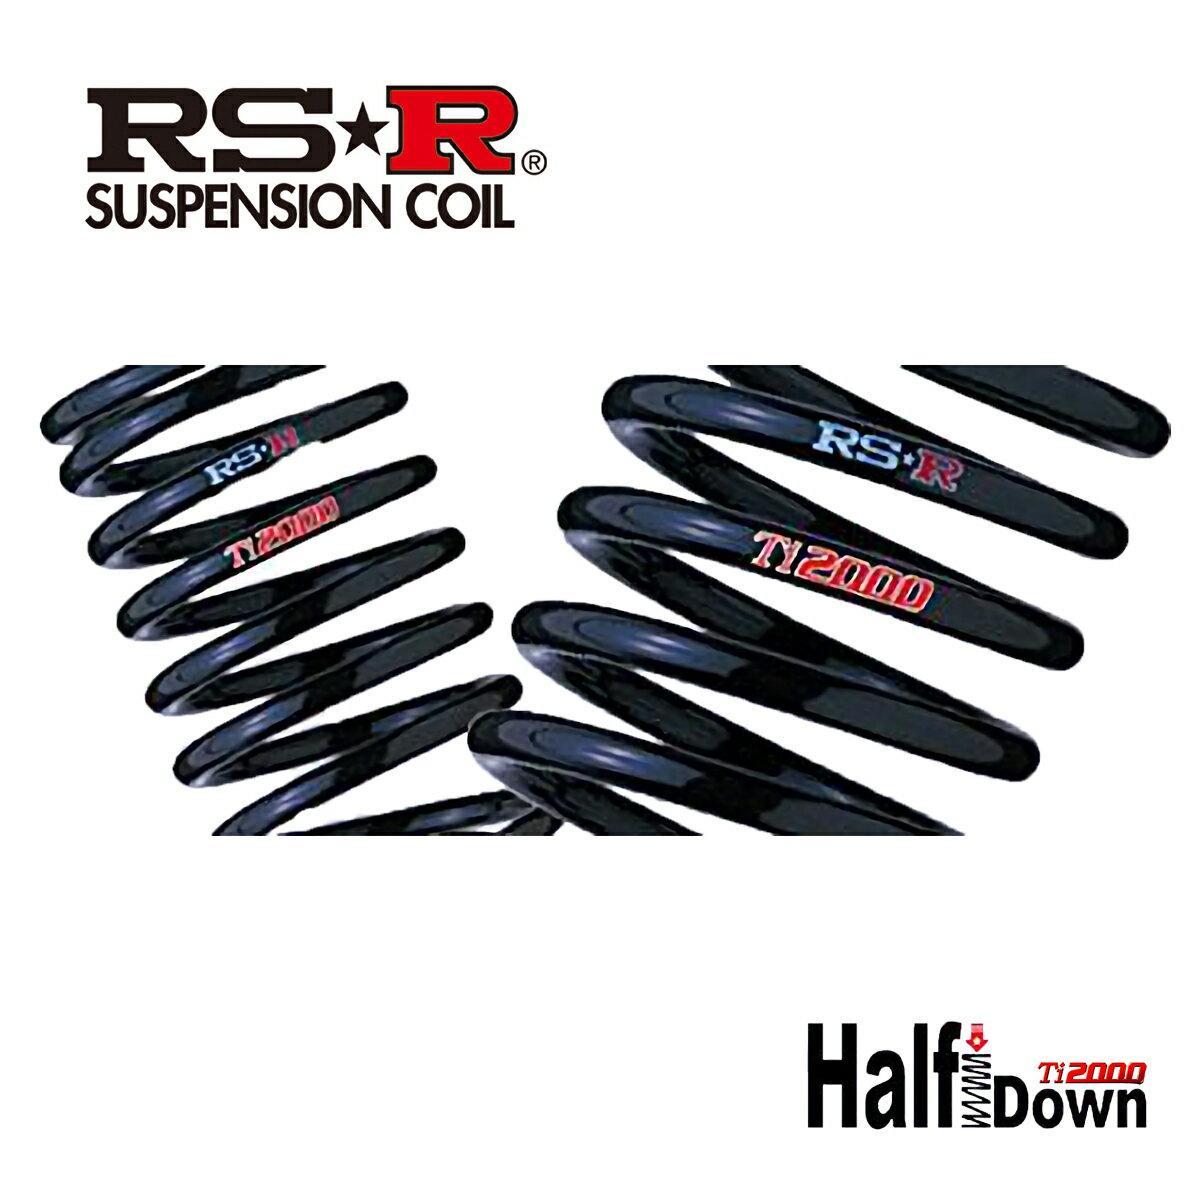 RS-R ムーヴ カスタムX/カスタムRSハイパーSA LA150S ダウンサス スプリング リアのみ D200THDR Ti2000 ハーフダウン RSR 個人宅発送追金有